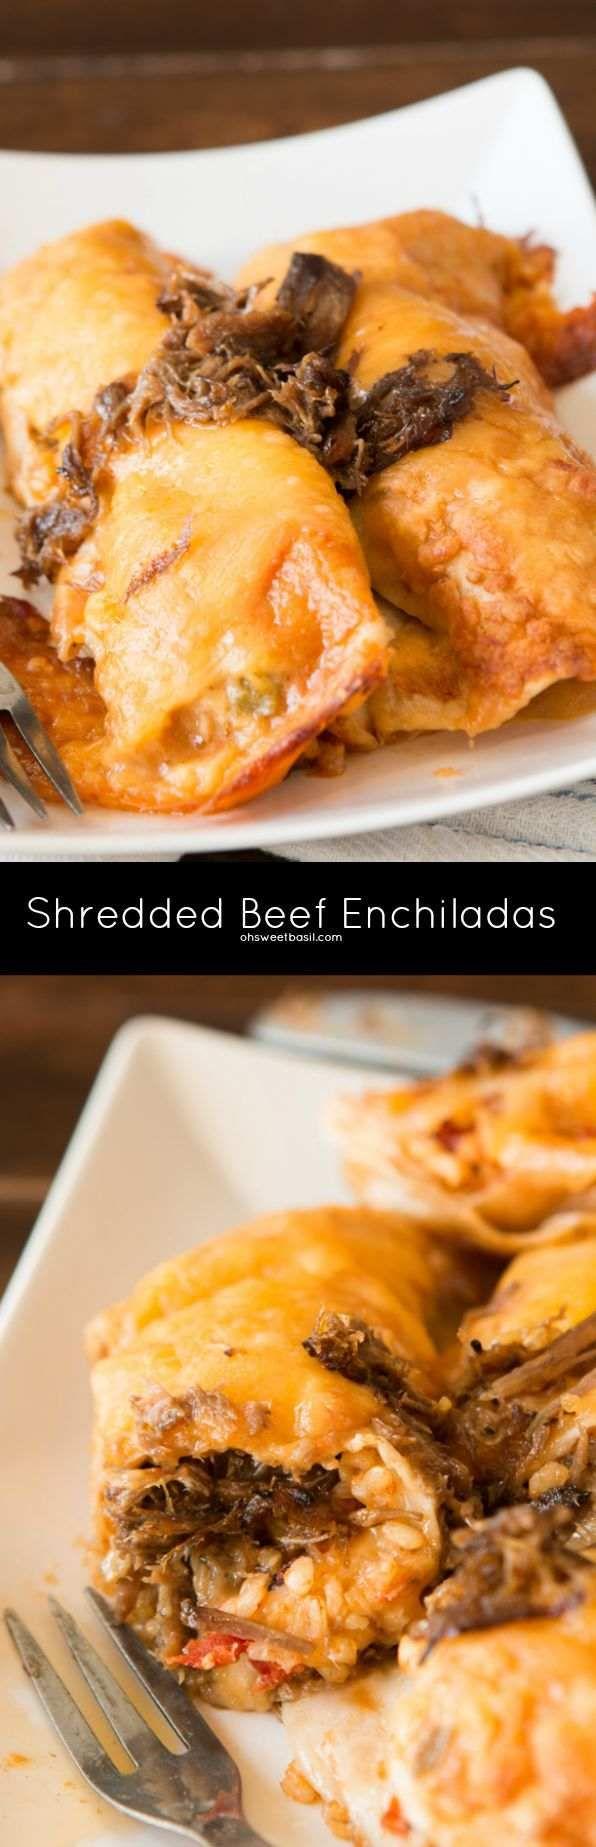 shredded beef enchiladas ohsweetbasil.com